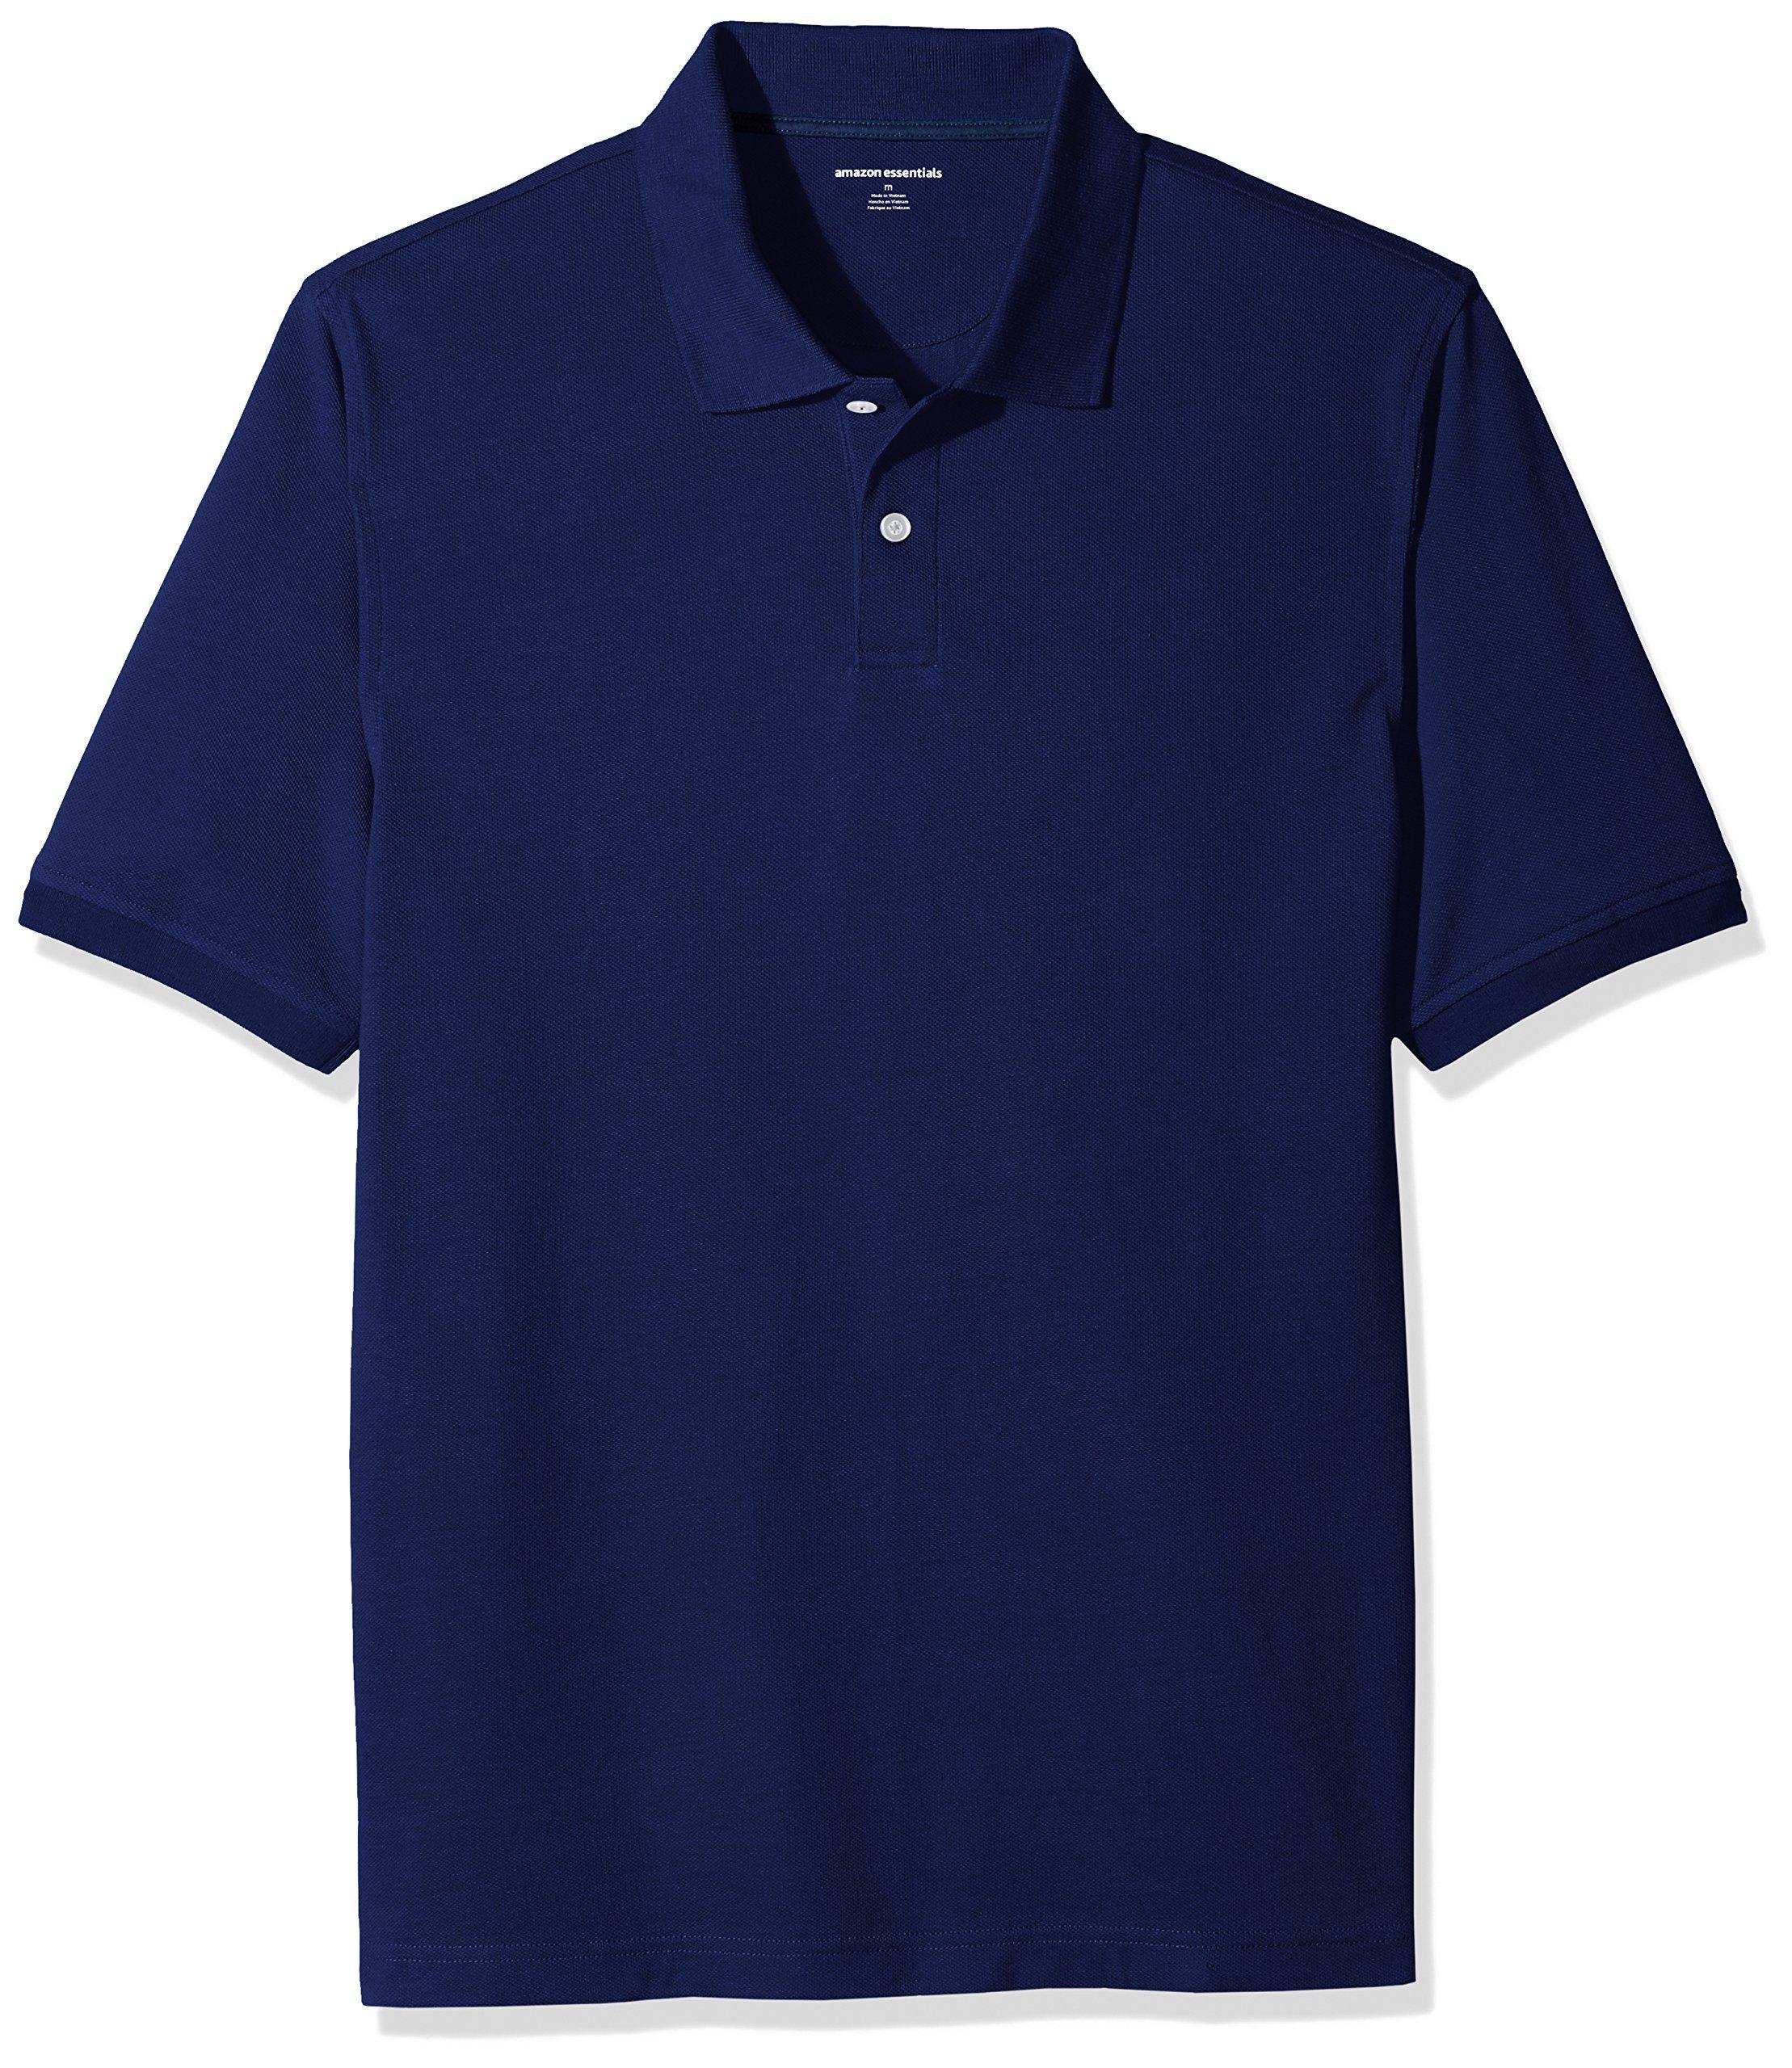 Amazon Essentials Men's Regular-Fit Cotton Pique Polo Shirt, Navy, X-Large